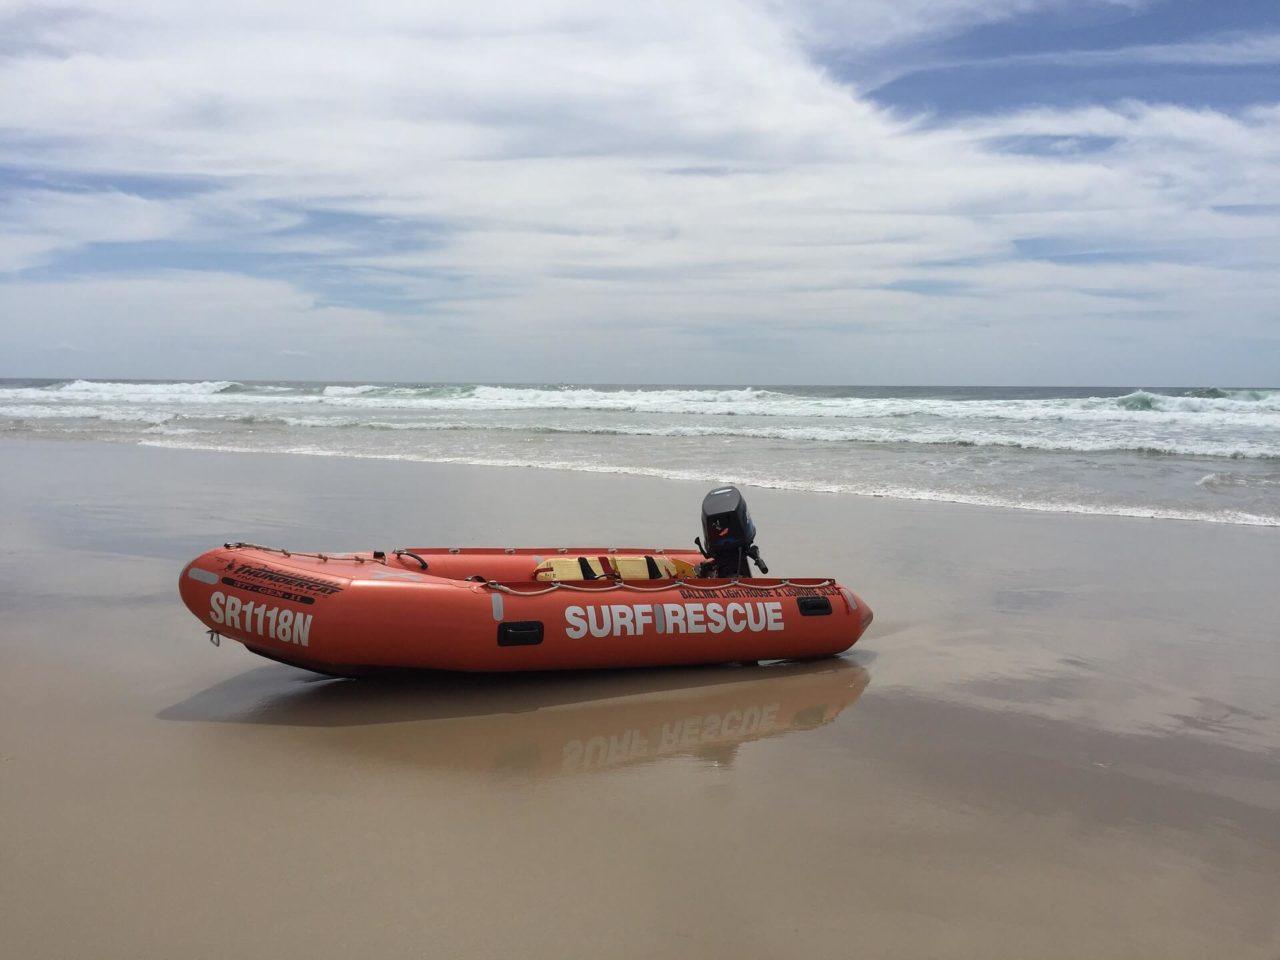 Sobreviviente de naufragio diseña una balsa salvavidas